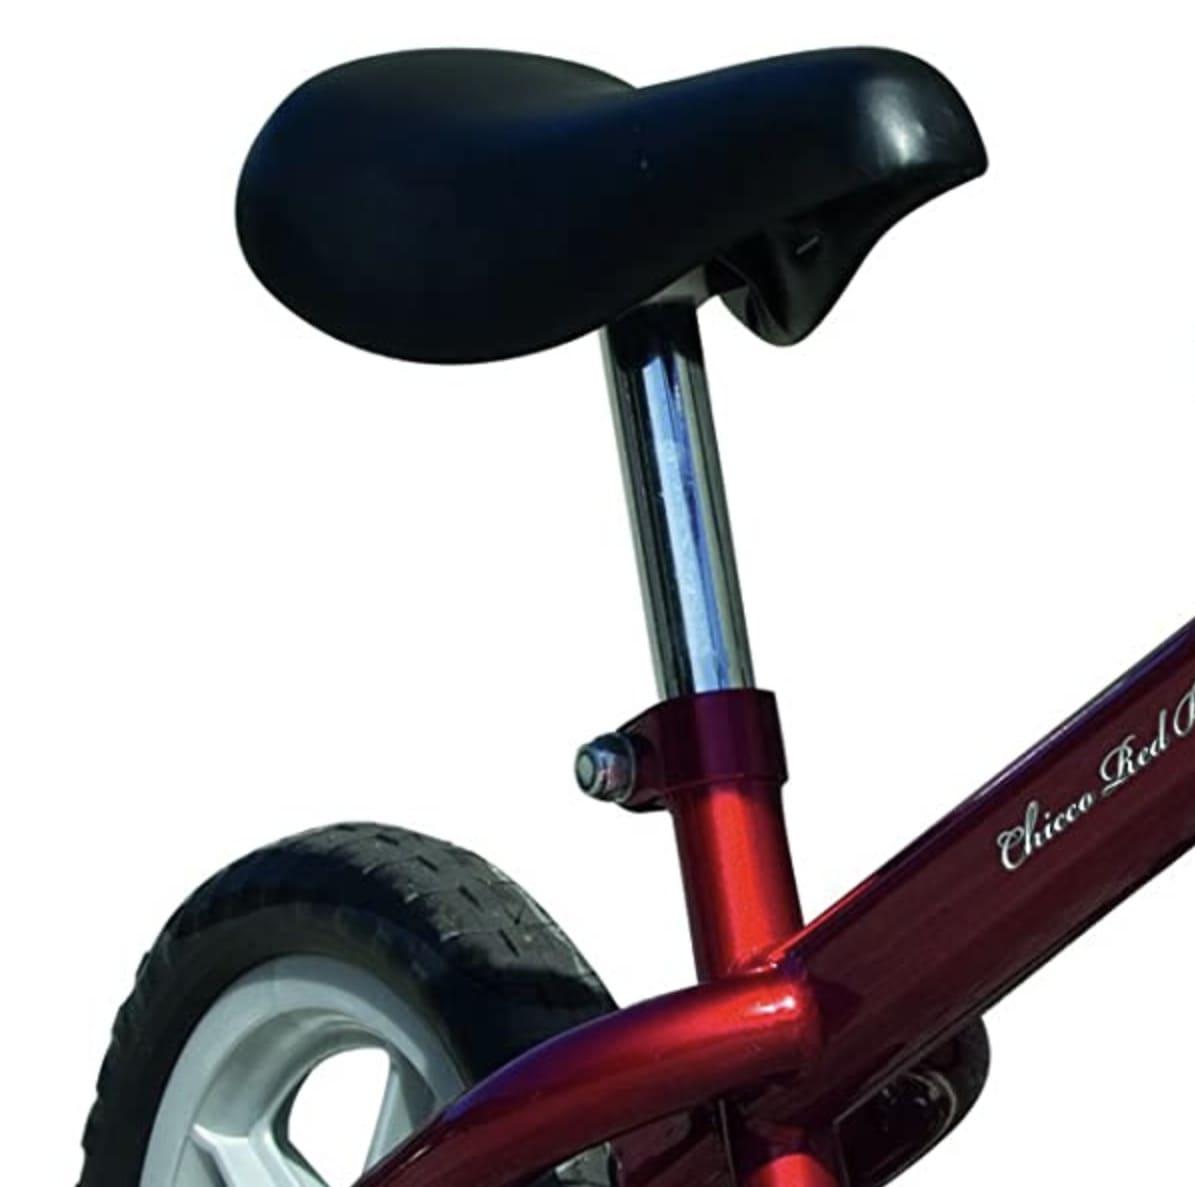 asiento ajustable de la bicicleta sin pedales Chicco